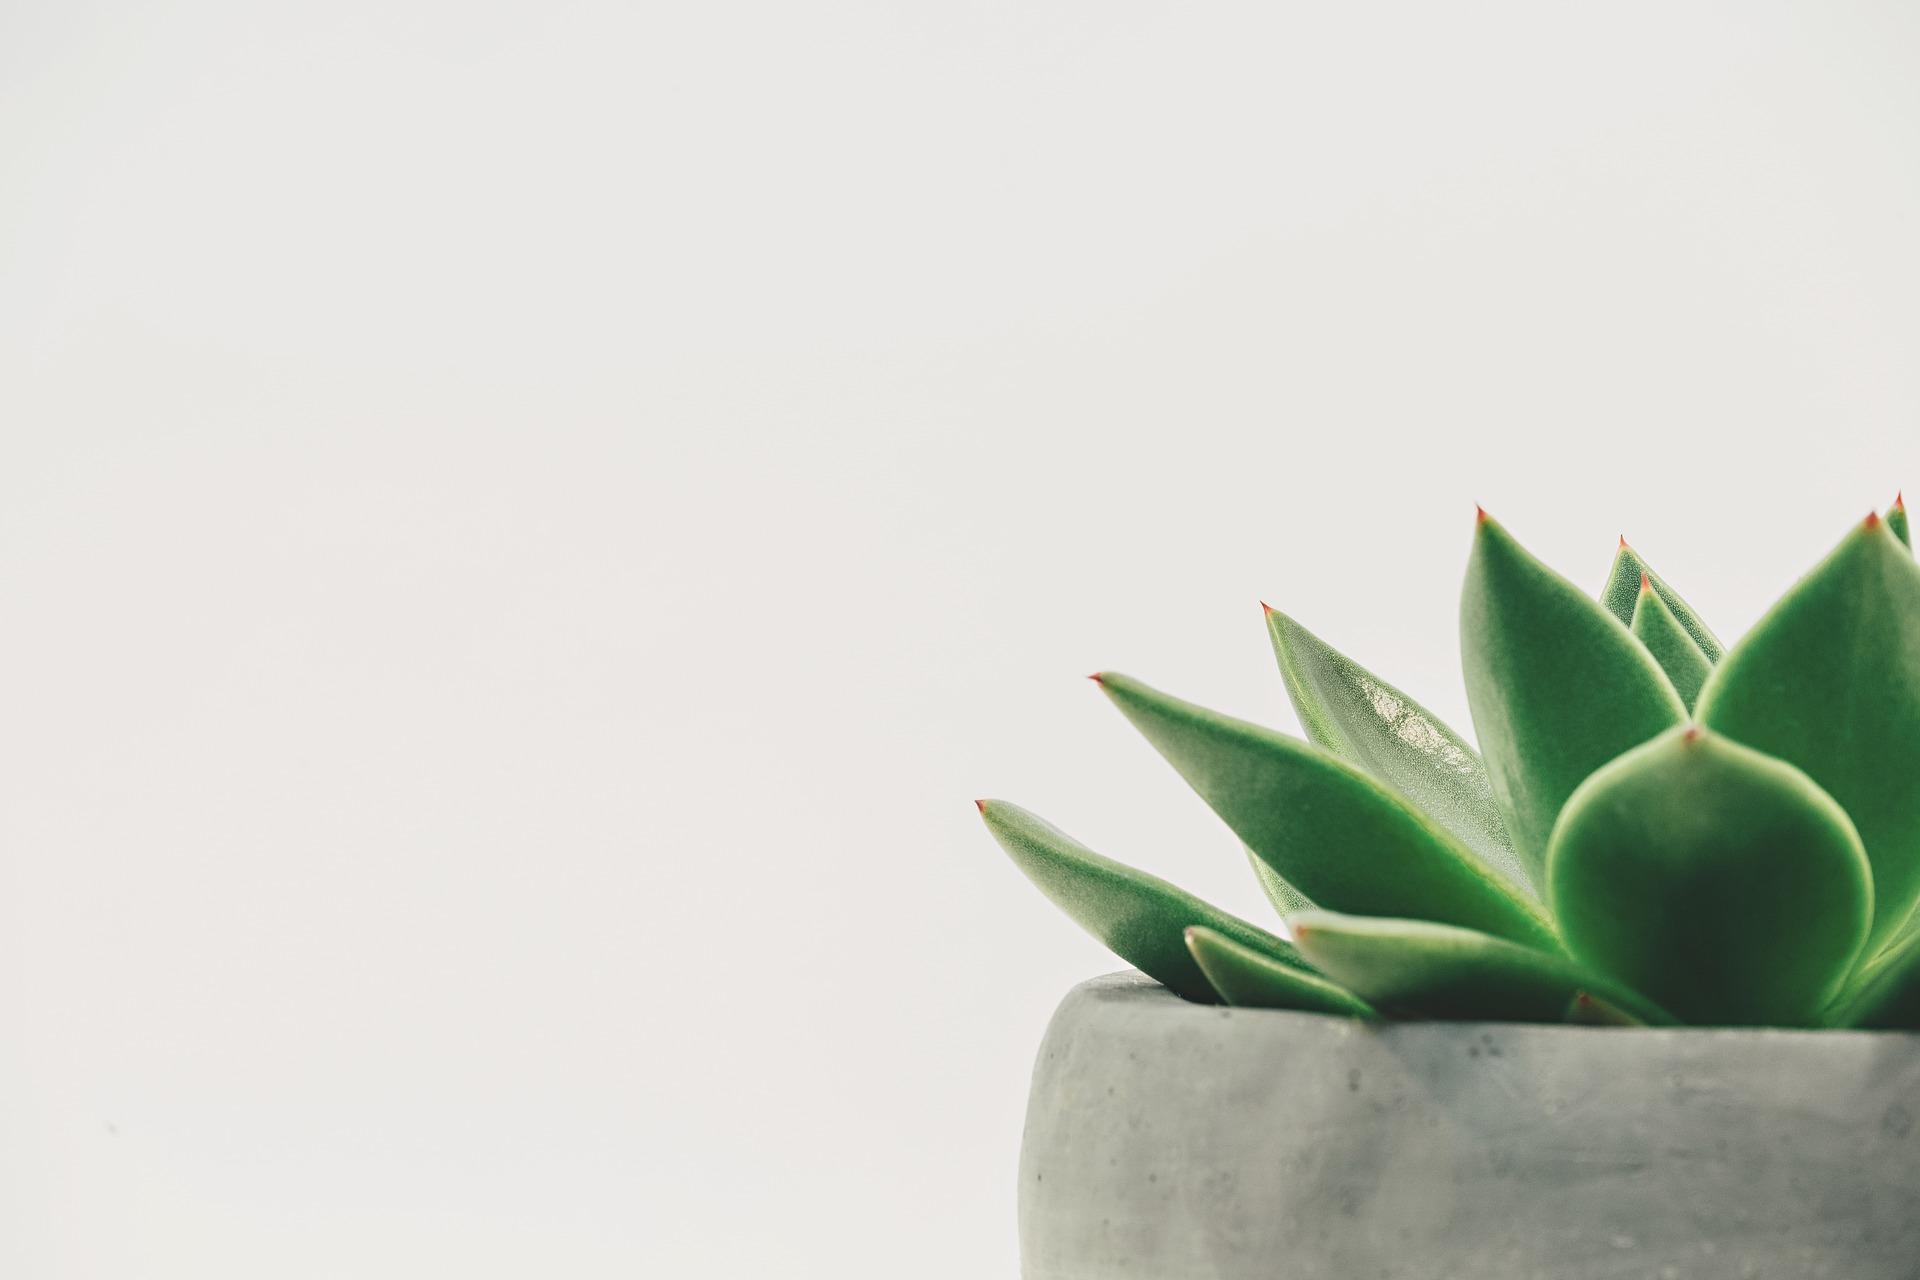 plant-2004483_1920